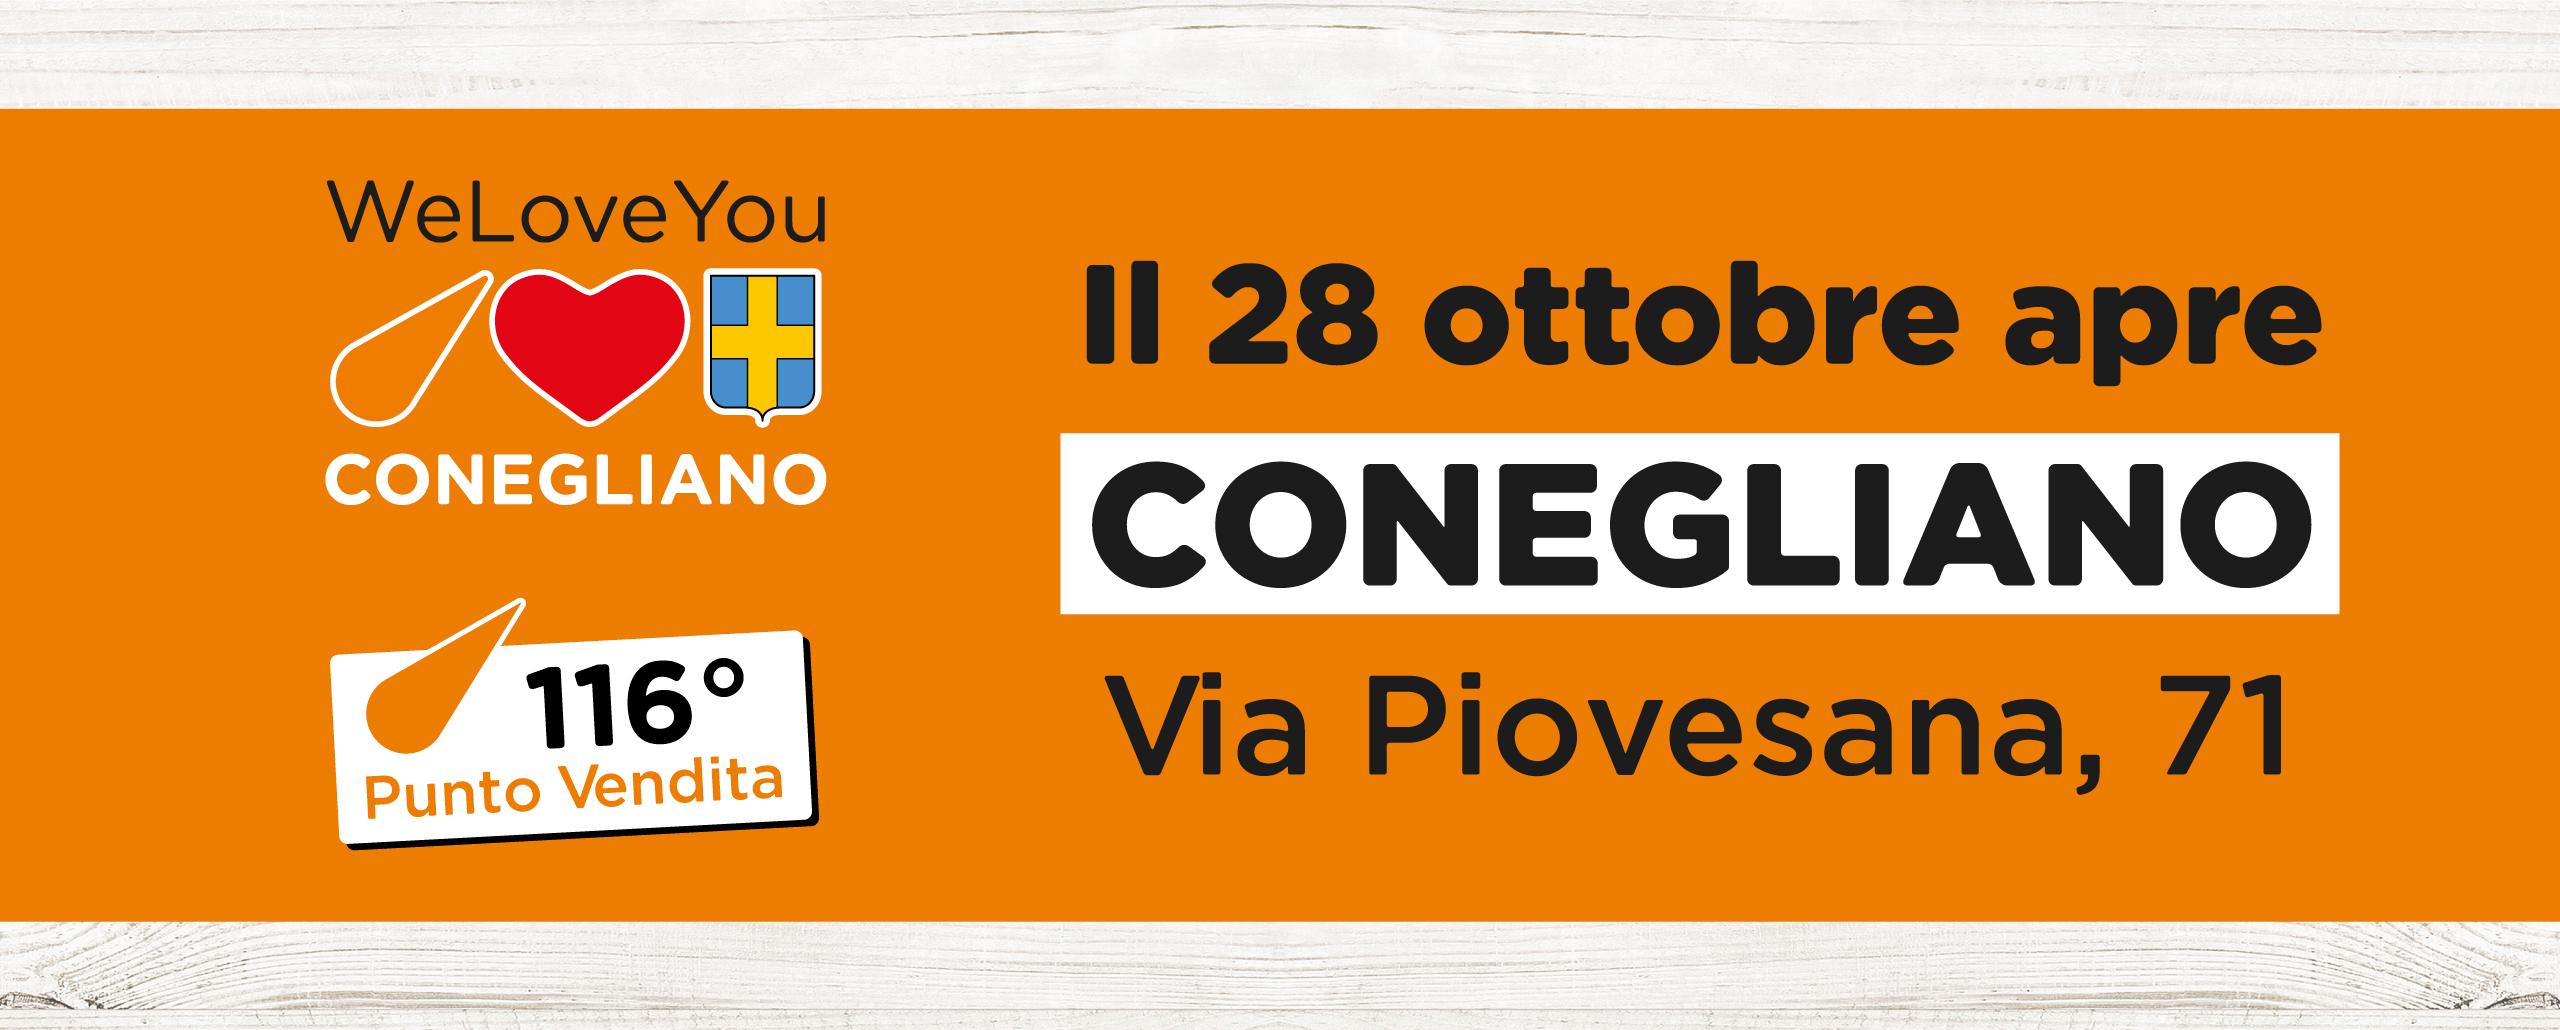 Apertura Conegliano (pre)